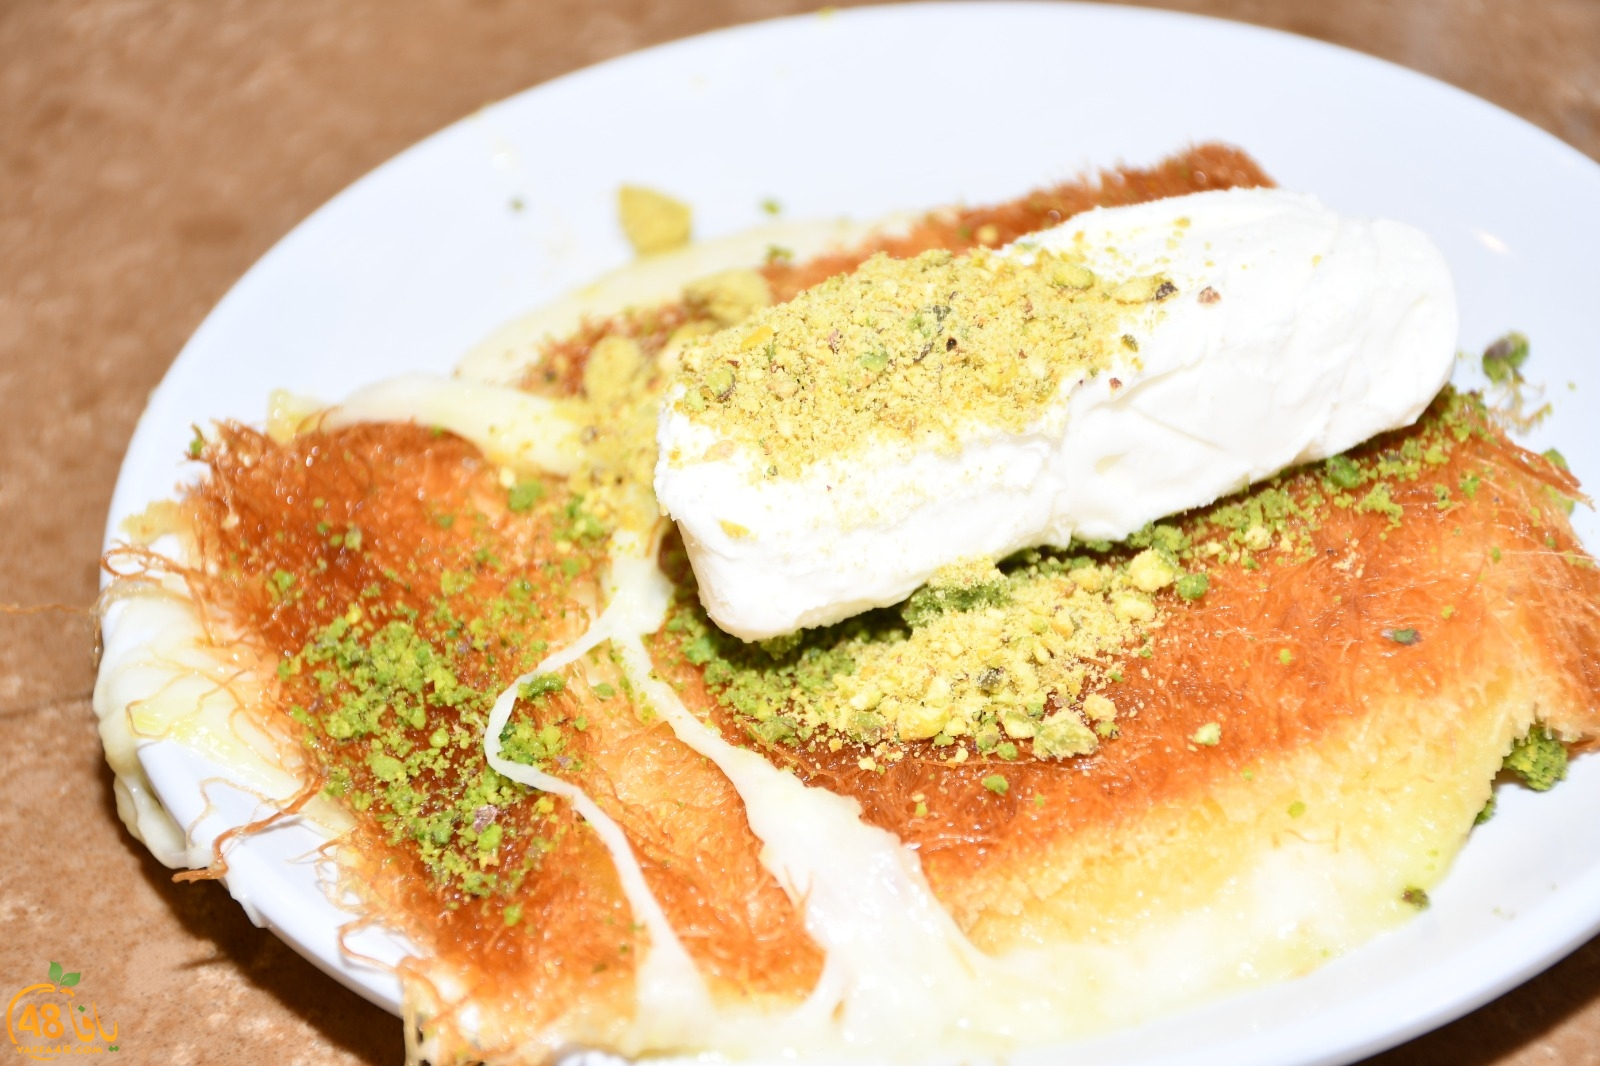 ع بالكم صحن كنافة؟! - حلويات الحج بيك في يافا ينتظركم بألذّ أطباق الكنافة الشامية